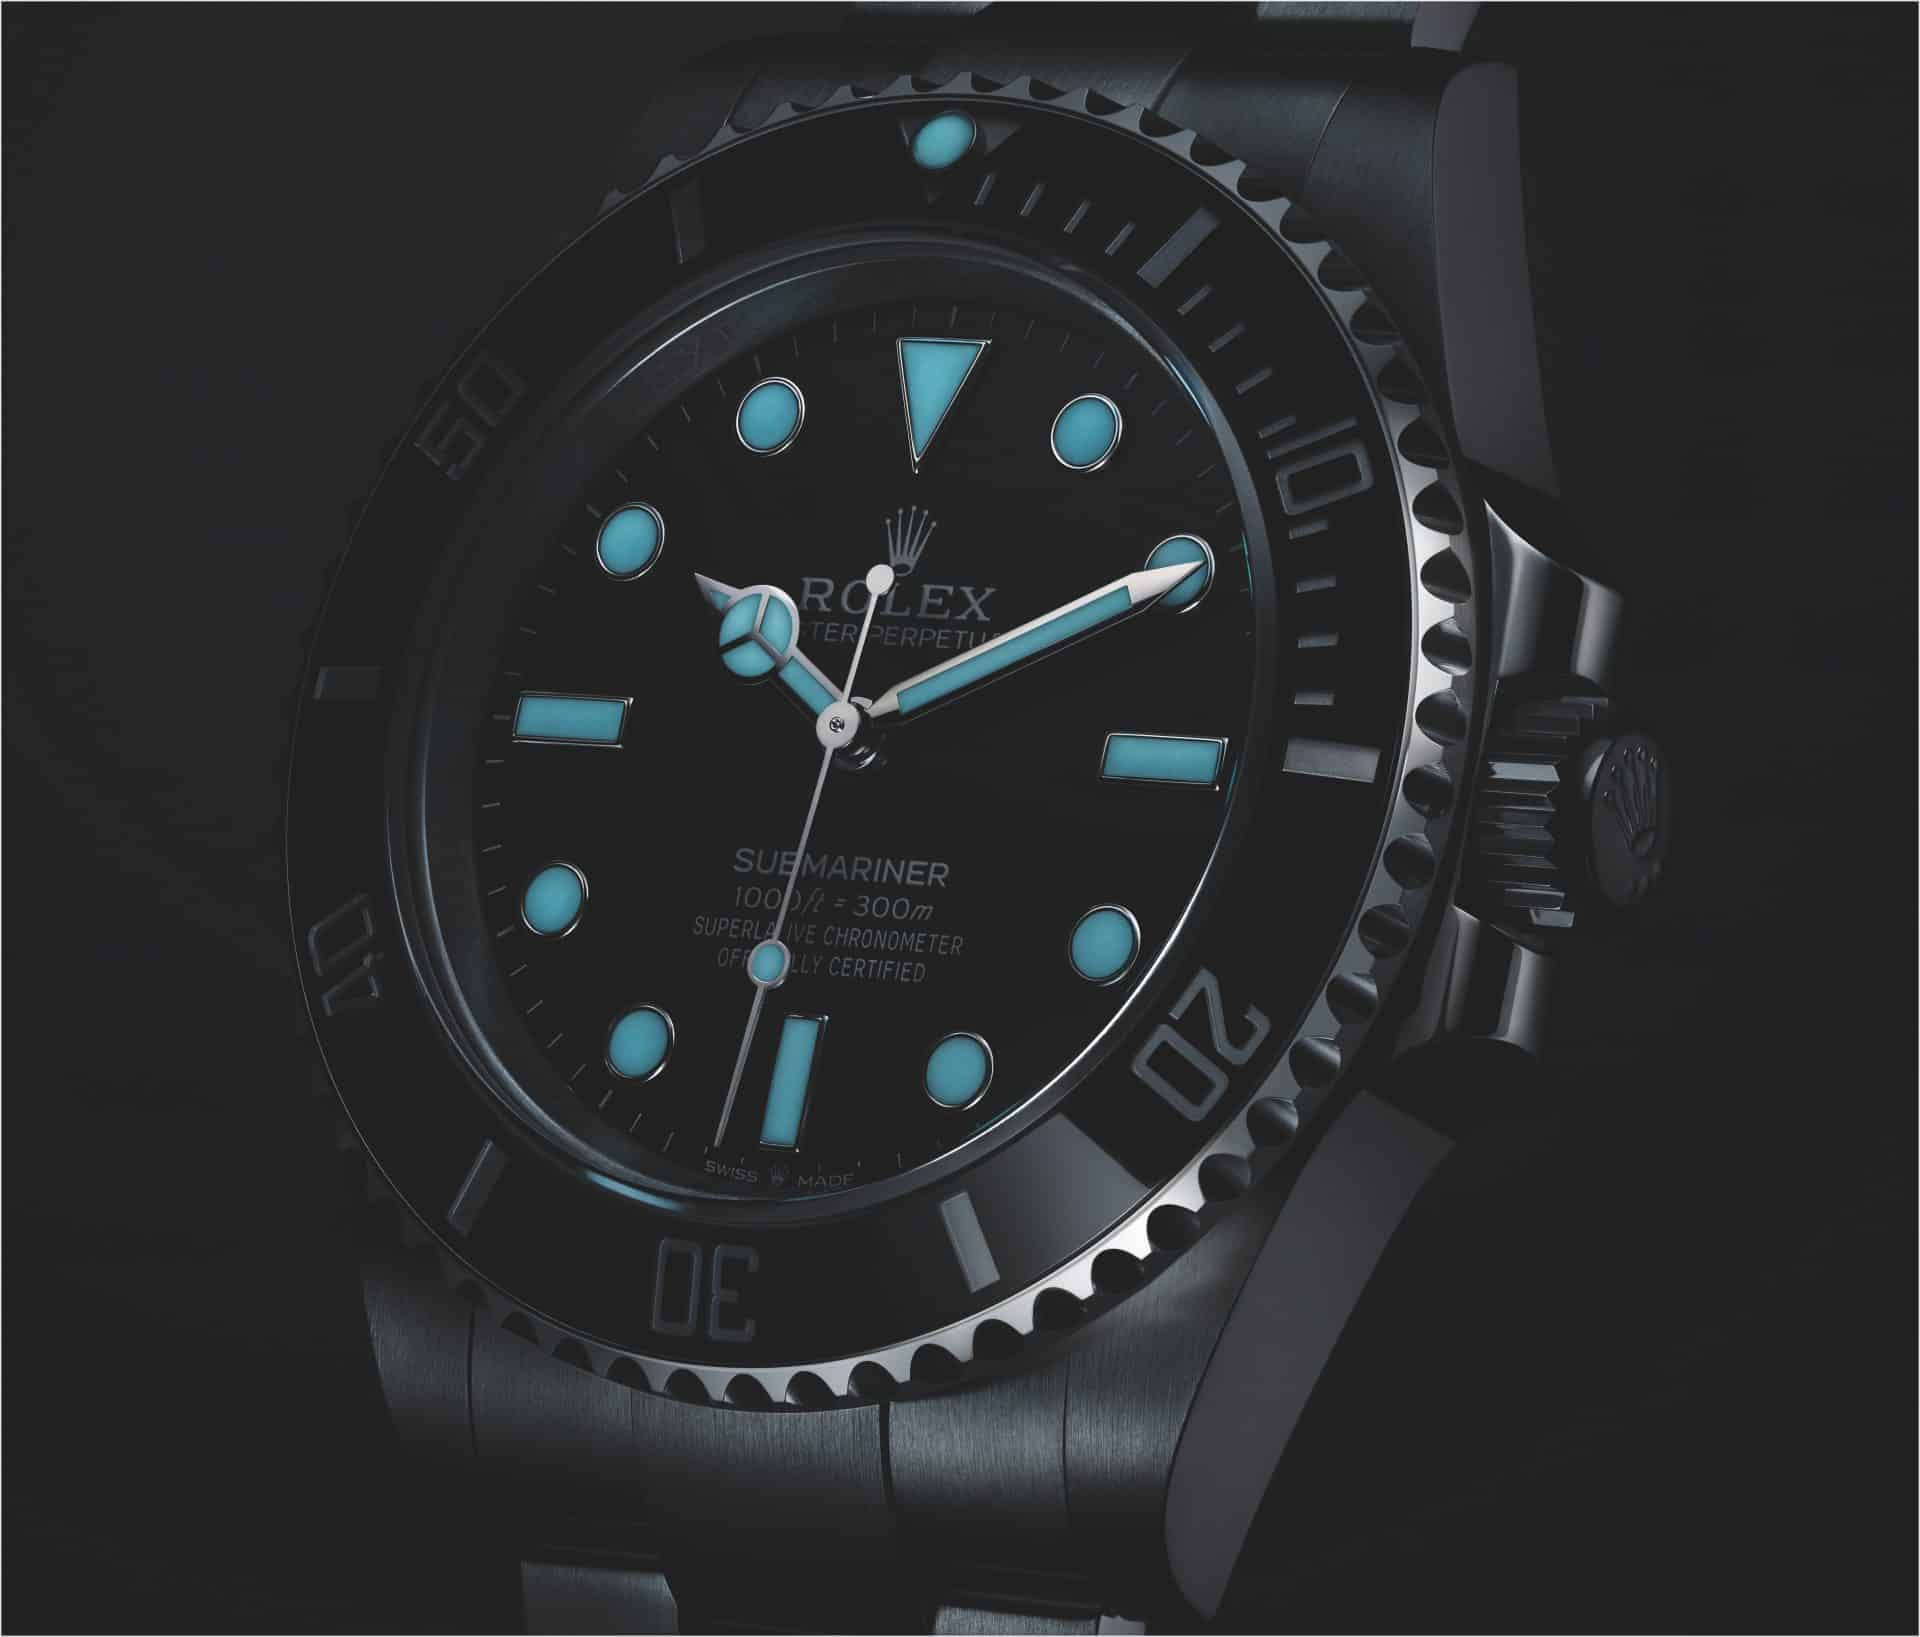 Leuchtzifferblatt der Rolex Oyster Perpetual Submariner Referenz 124060